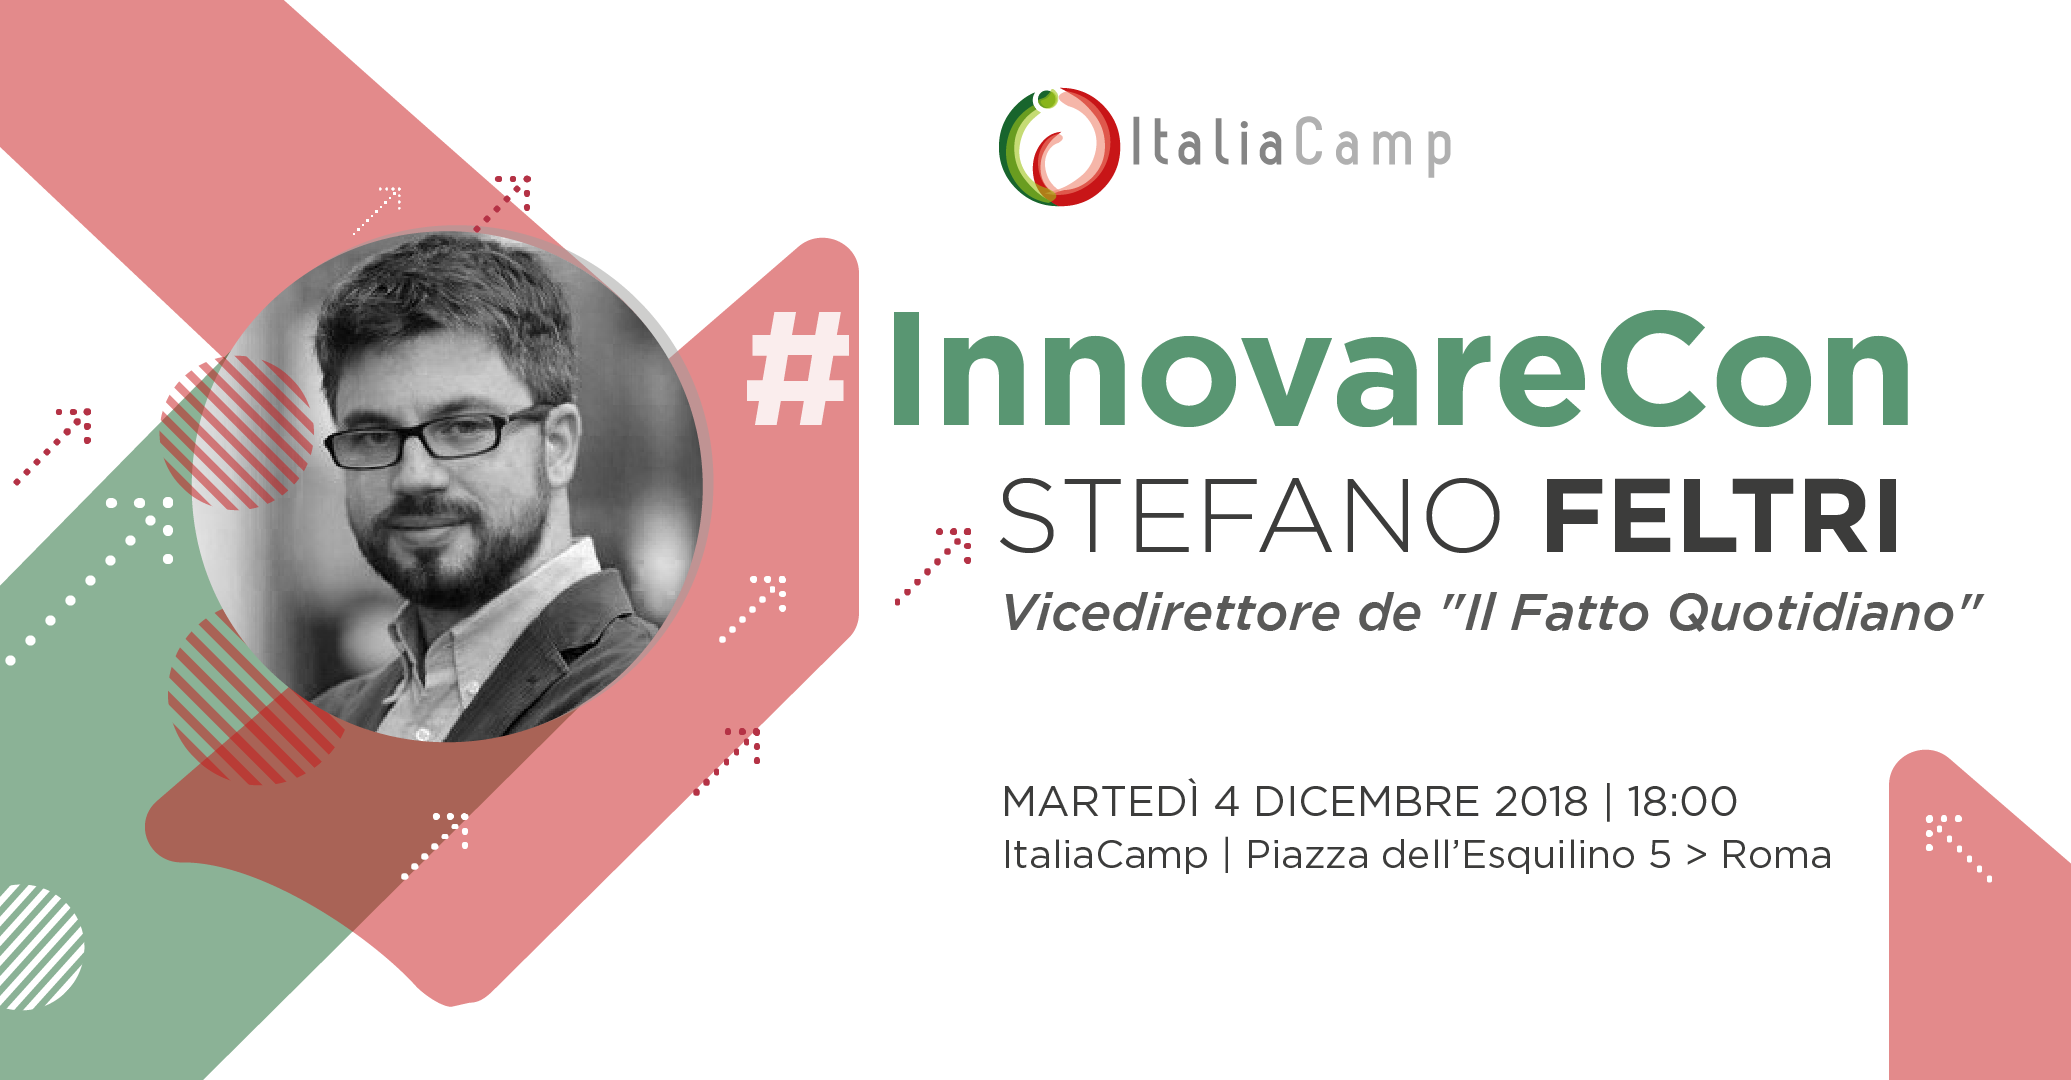 #InnovareCon Stefano Feltri